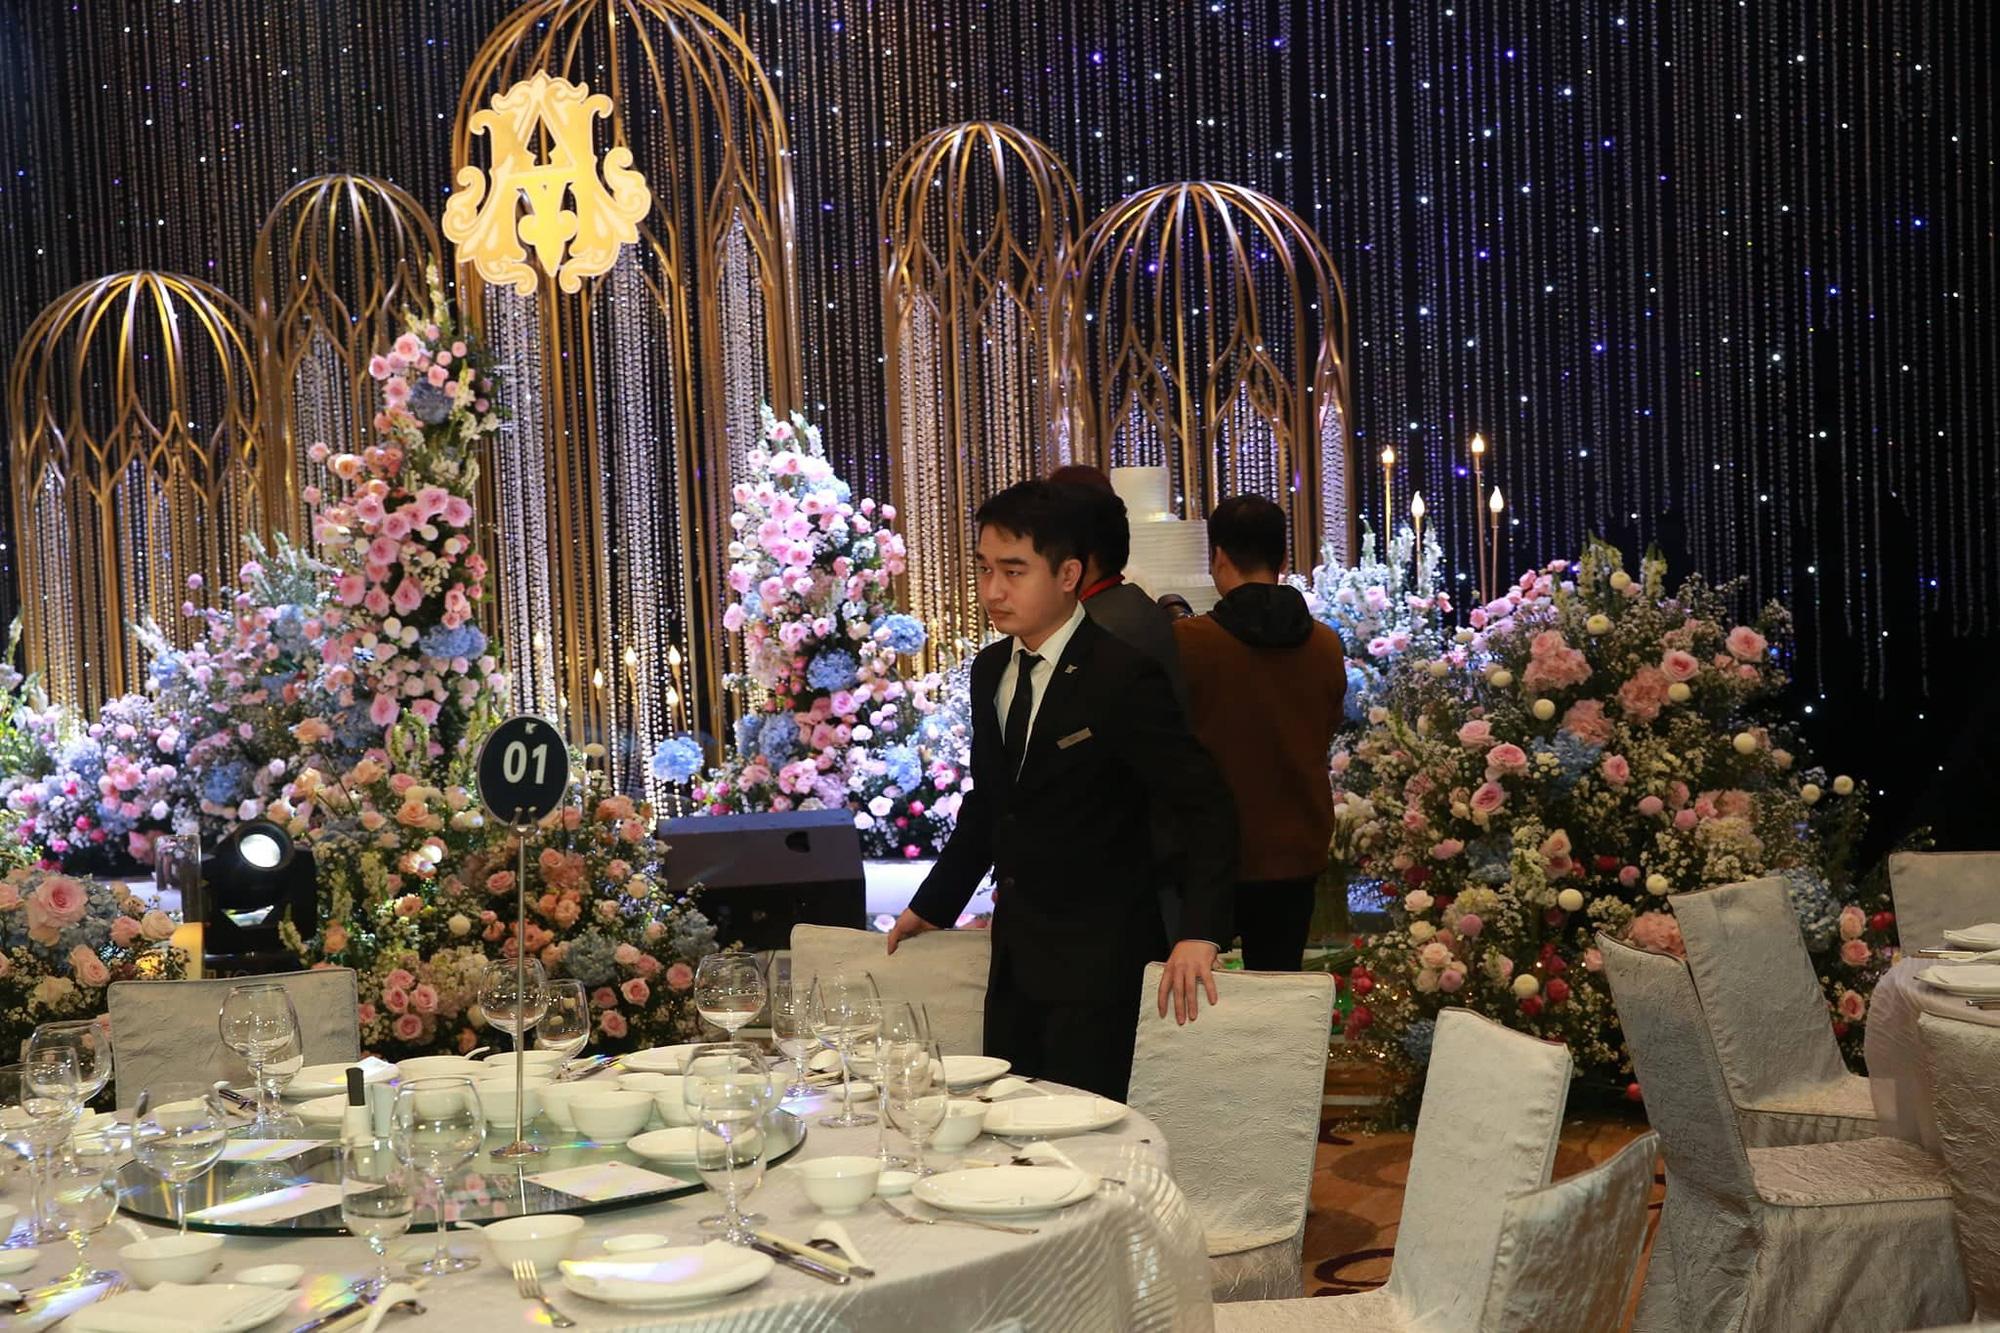 Chiếc váy trăm triệu của Quỳnh Anh bất ngờ được mang đặt giữa lễ đường, tiết lộ không gian sảnh cưới đẹp như dành cho công chúa trong cổ tích